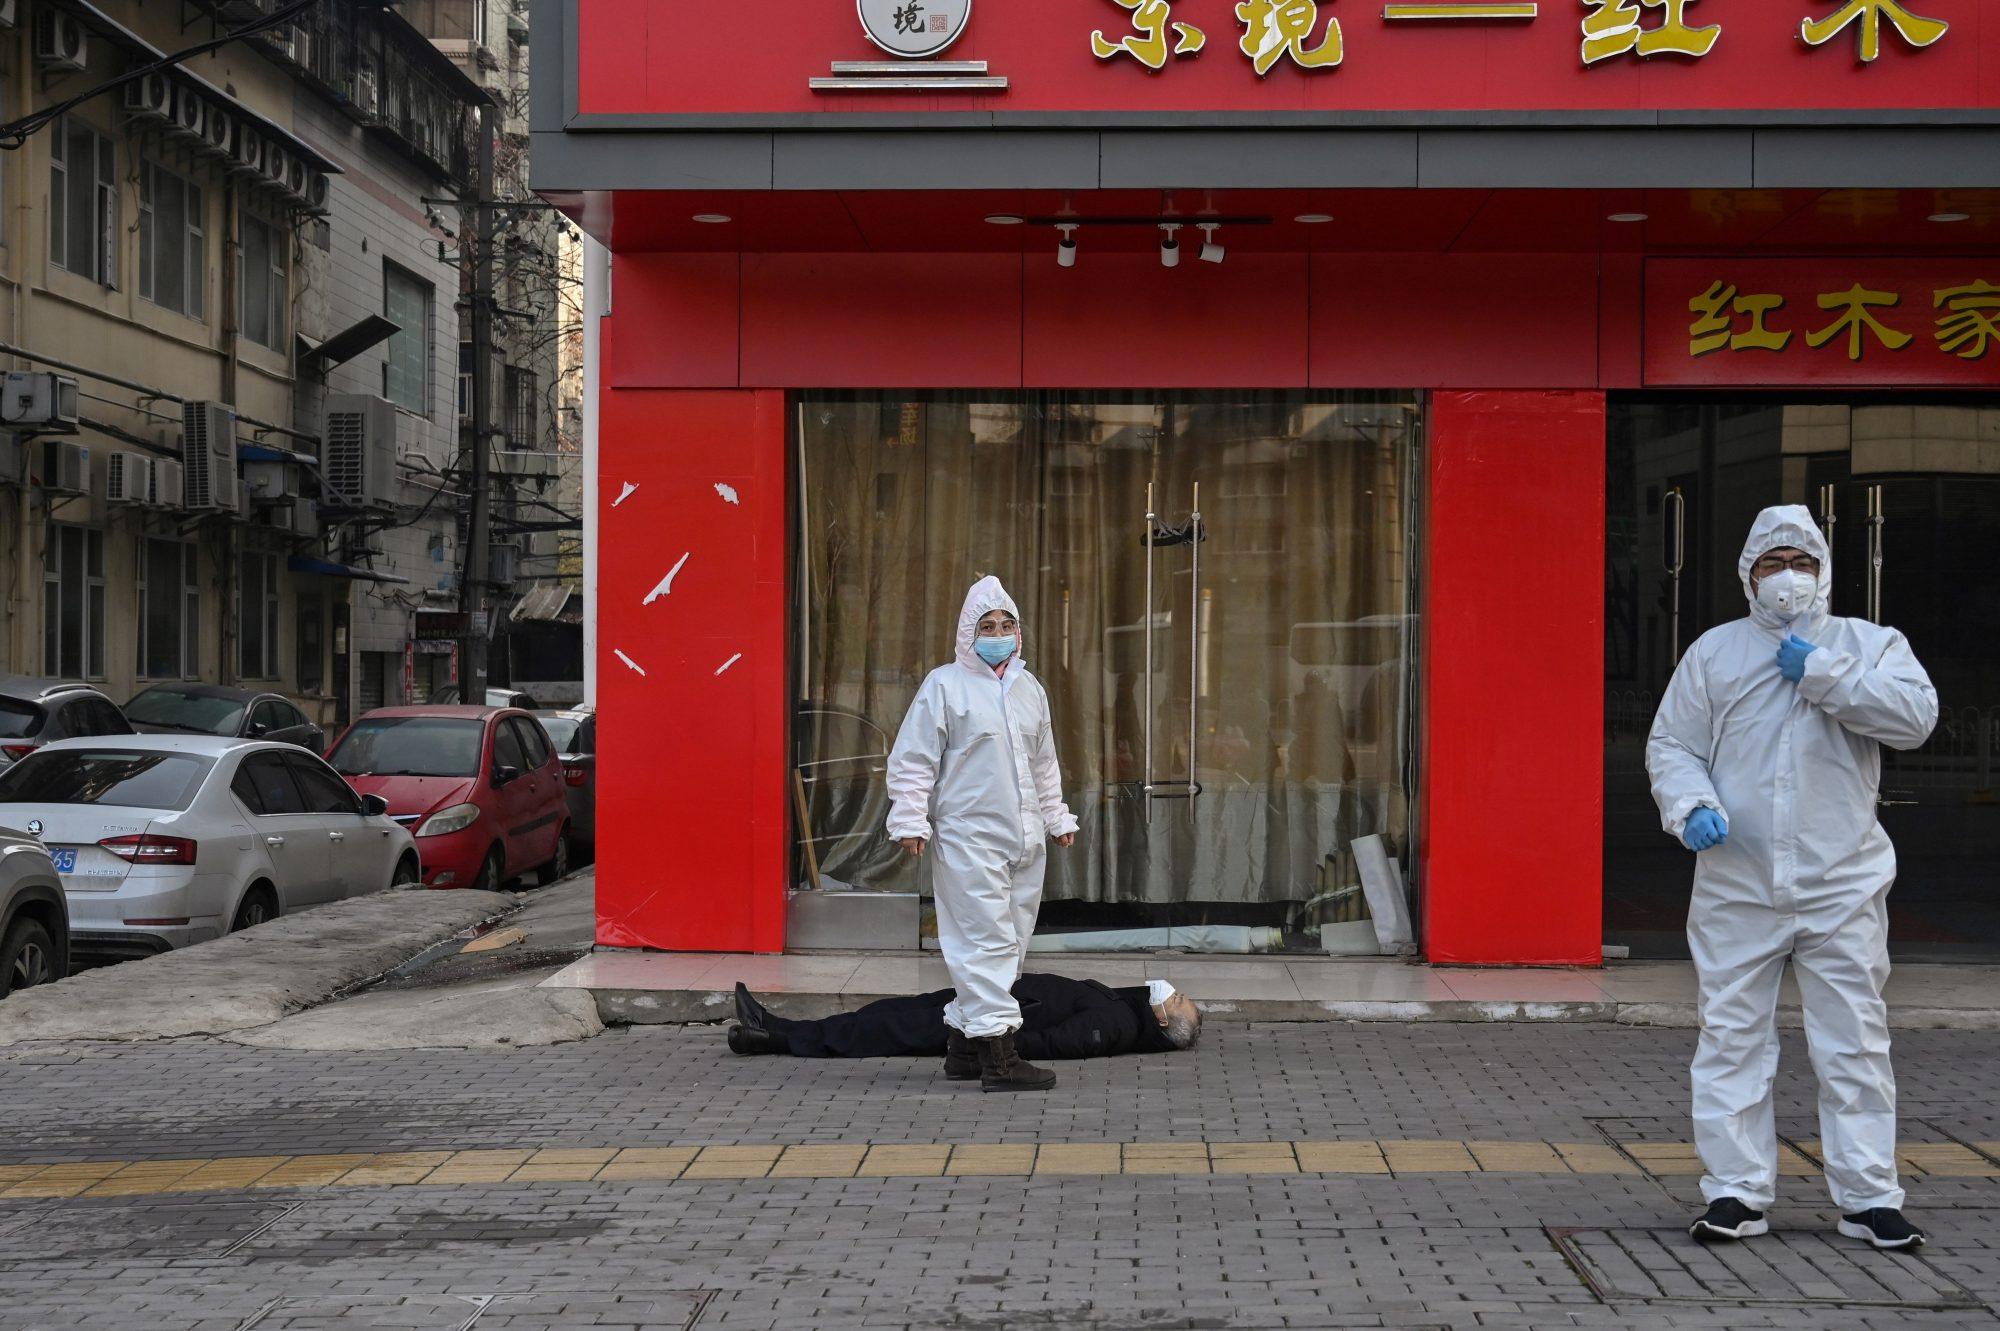 Corona Virus man dead on floor